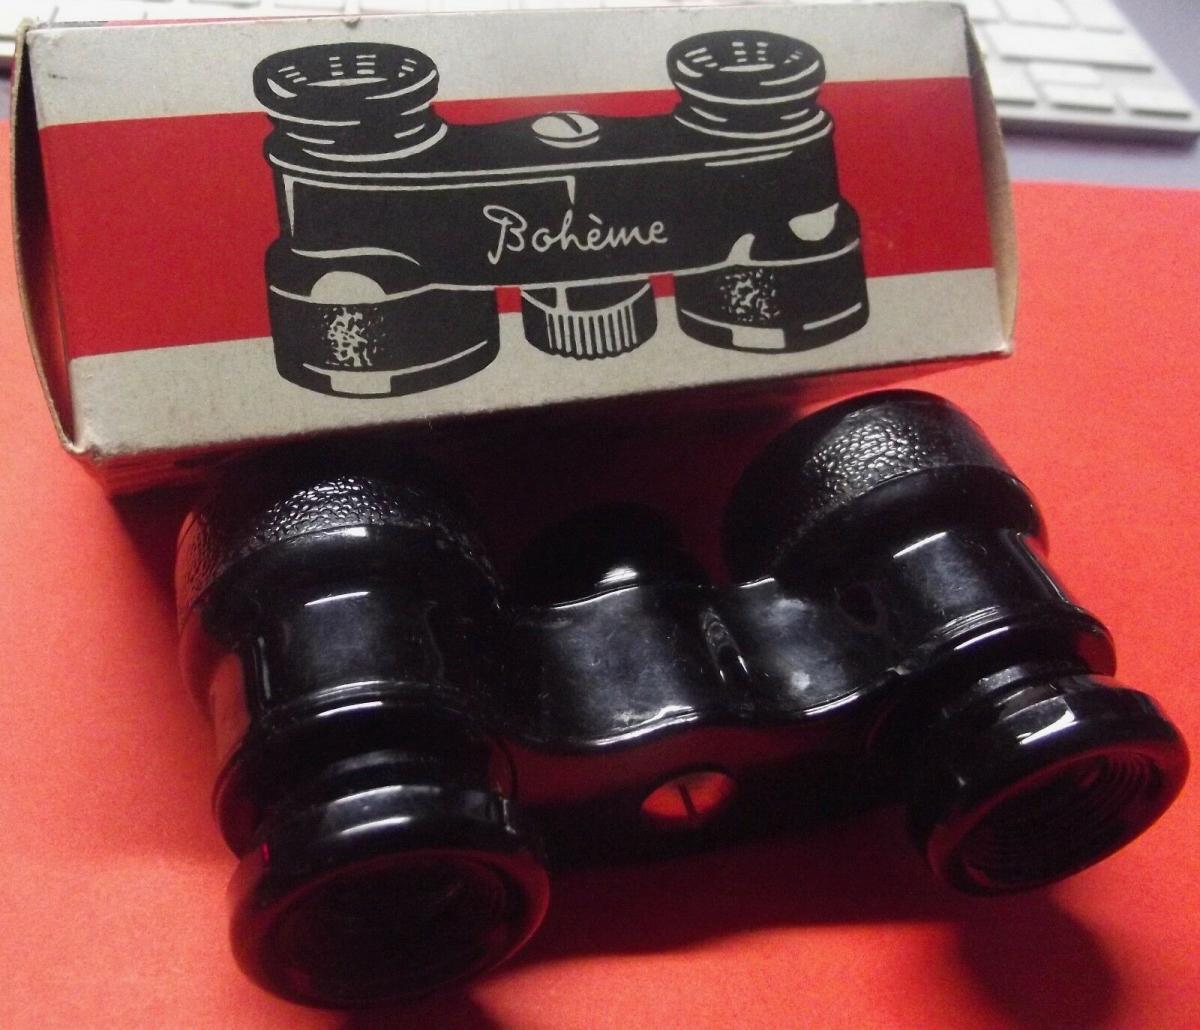 X -Kinder Fernglas 50er Jahre Spielzeug Jsolan Bohéme Made in Germany OVP 5